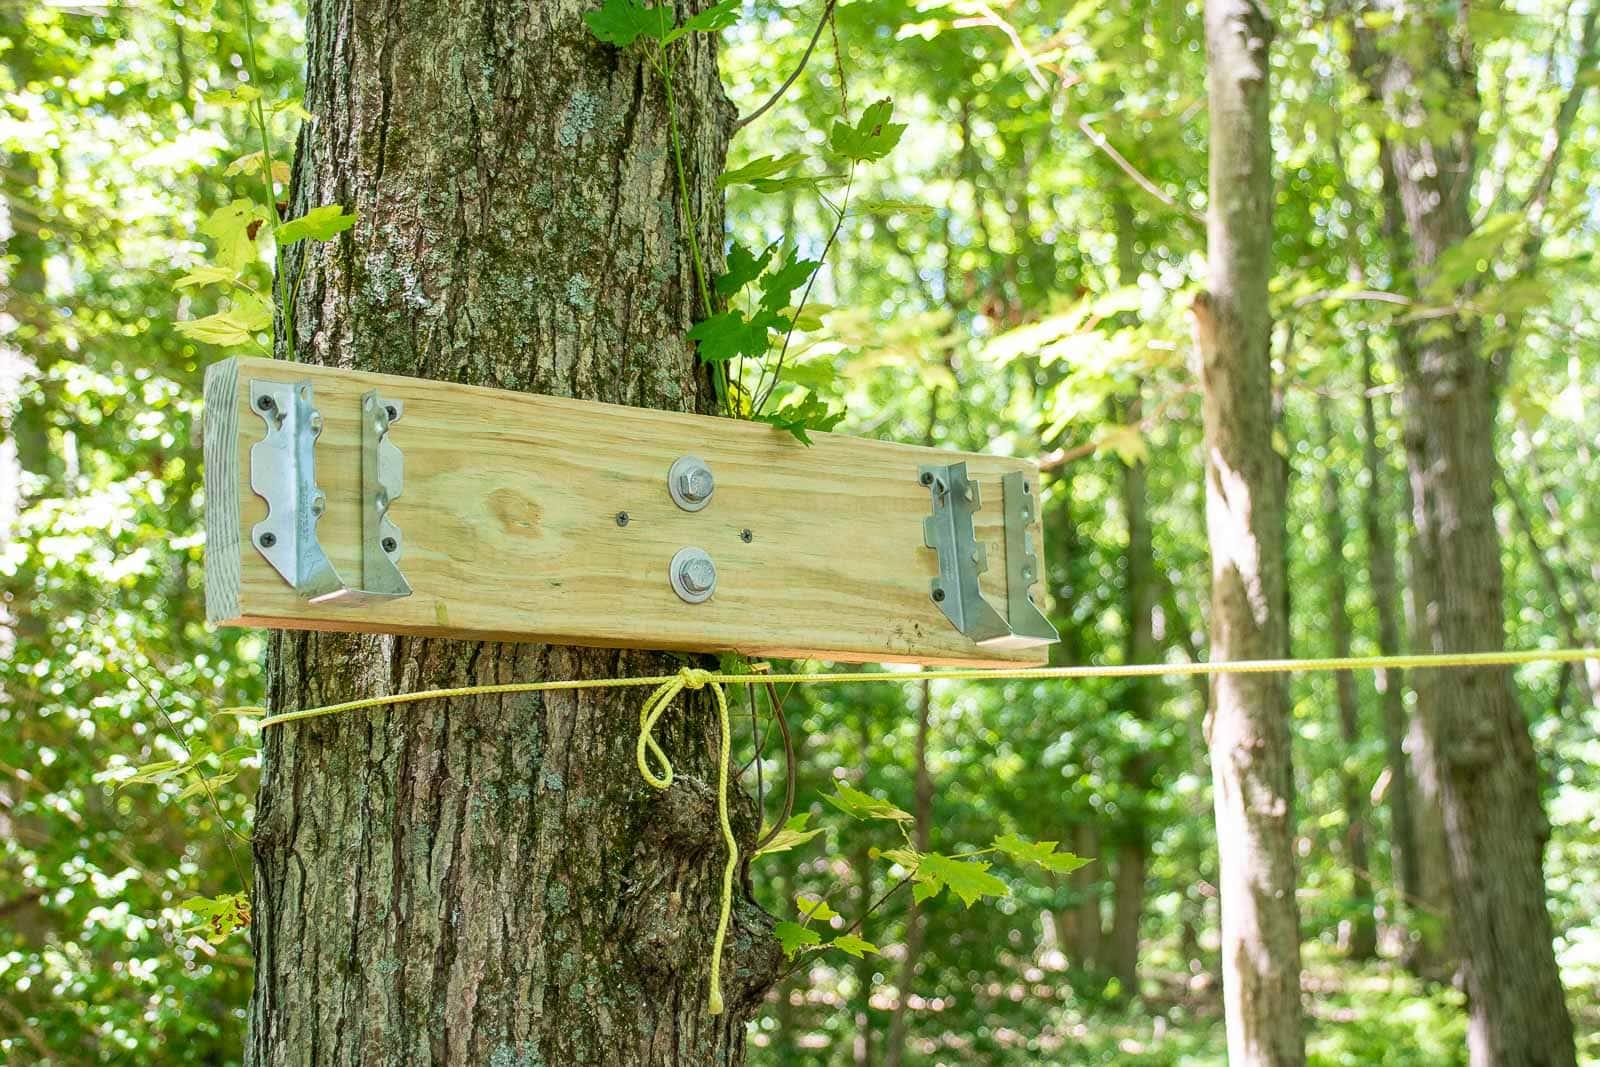 brace for monkey bar frame